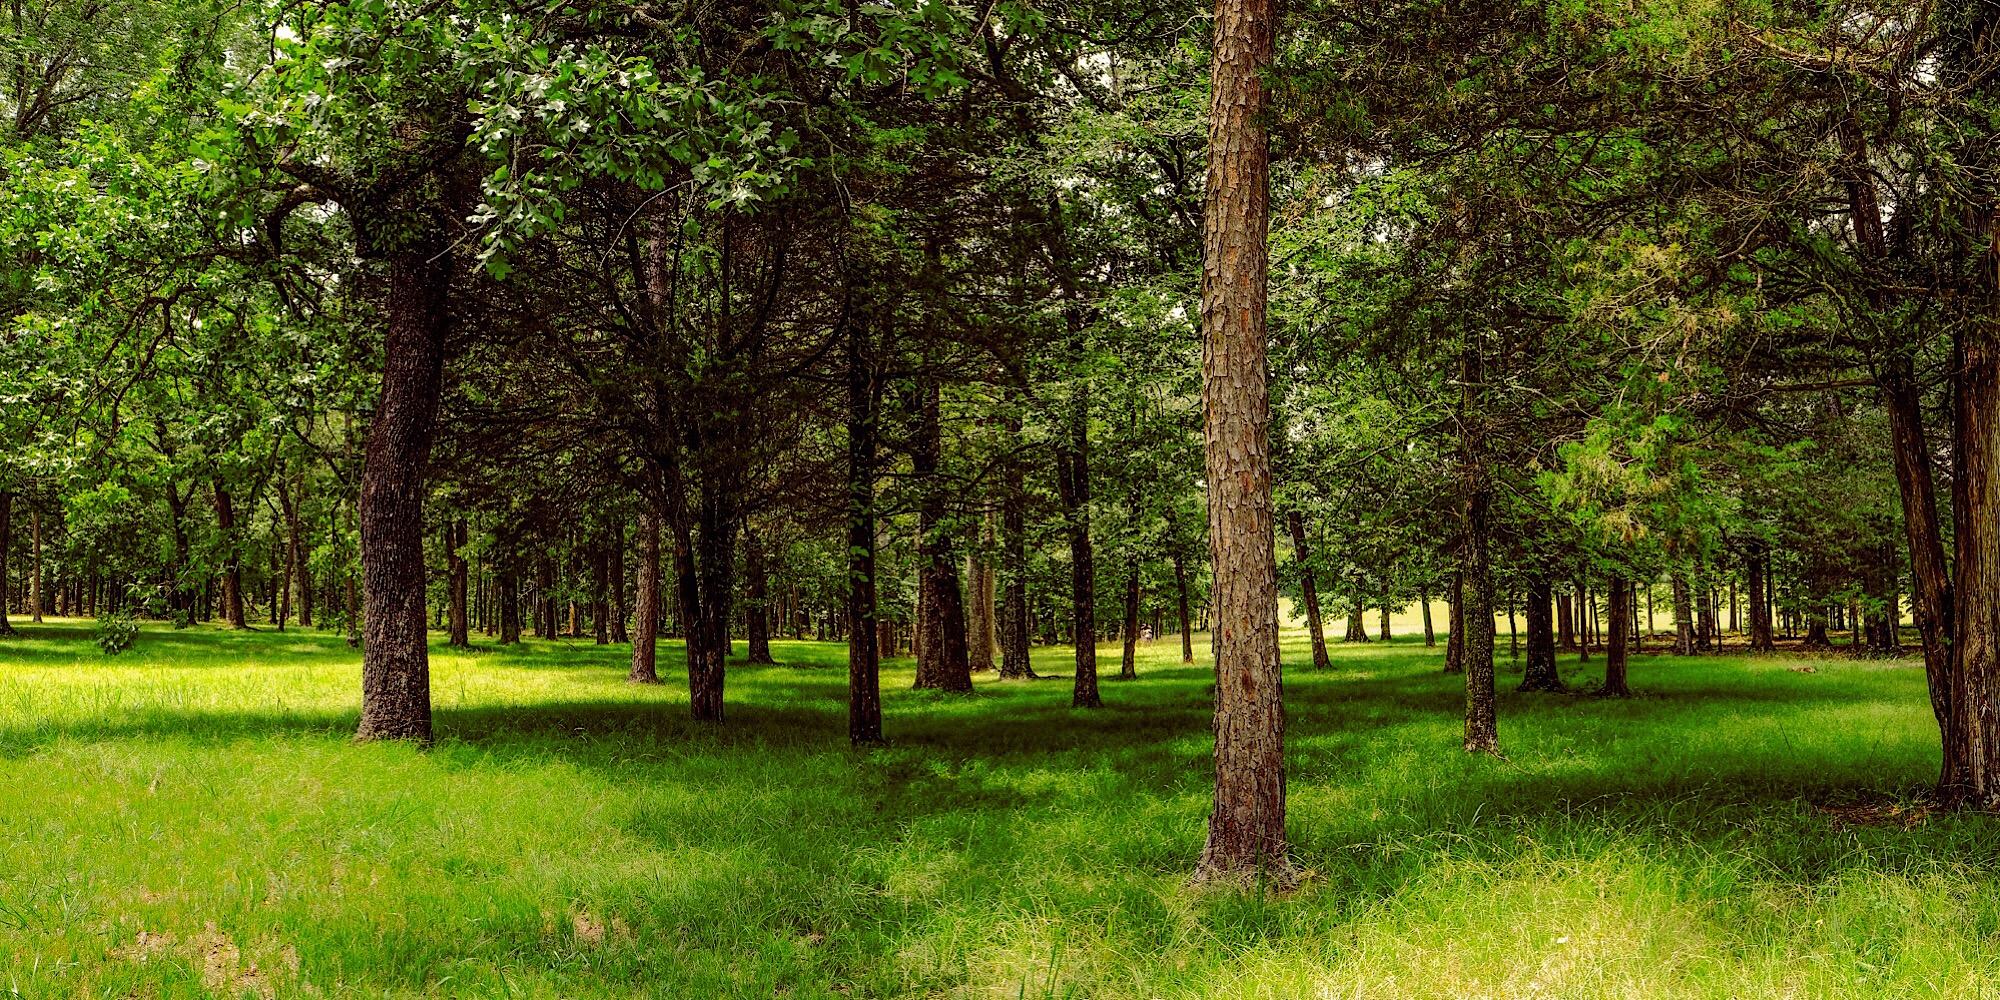 Capturing Summer at Chickamauga